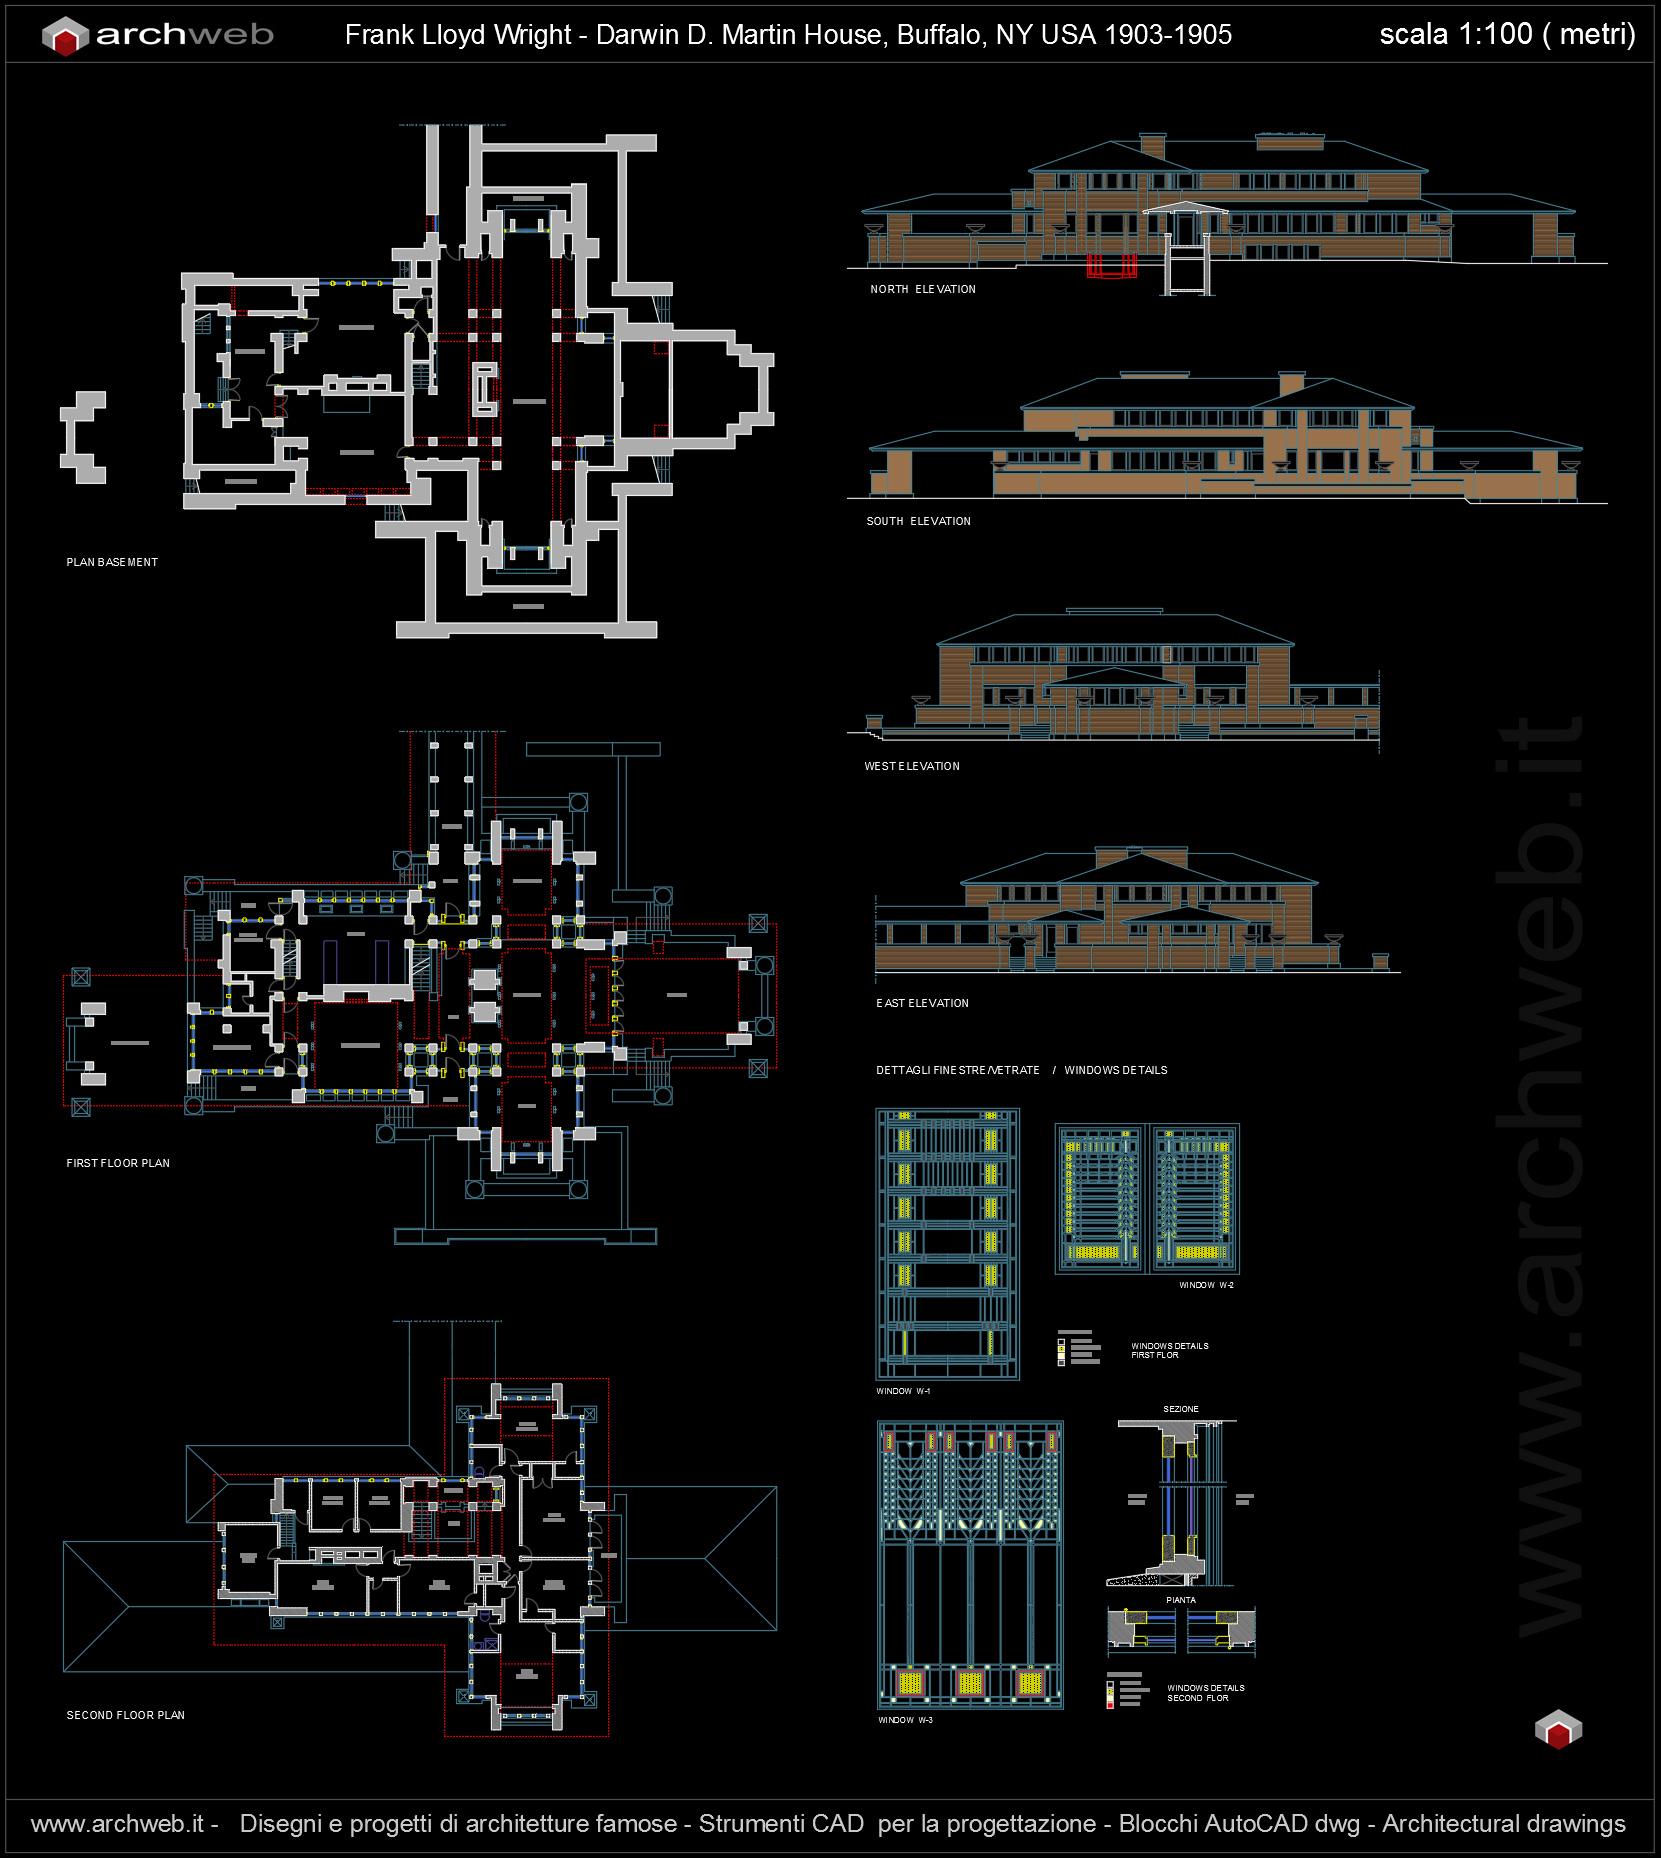 Arredi design dwg immagini ispirazione sul design casa e for Arredi design dwg